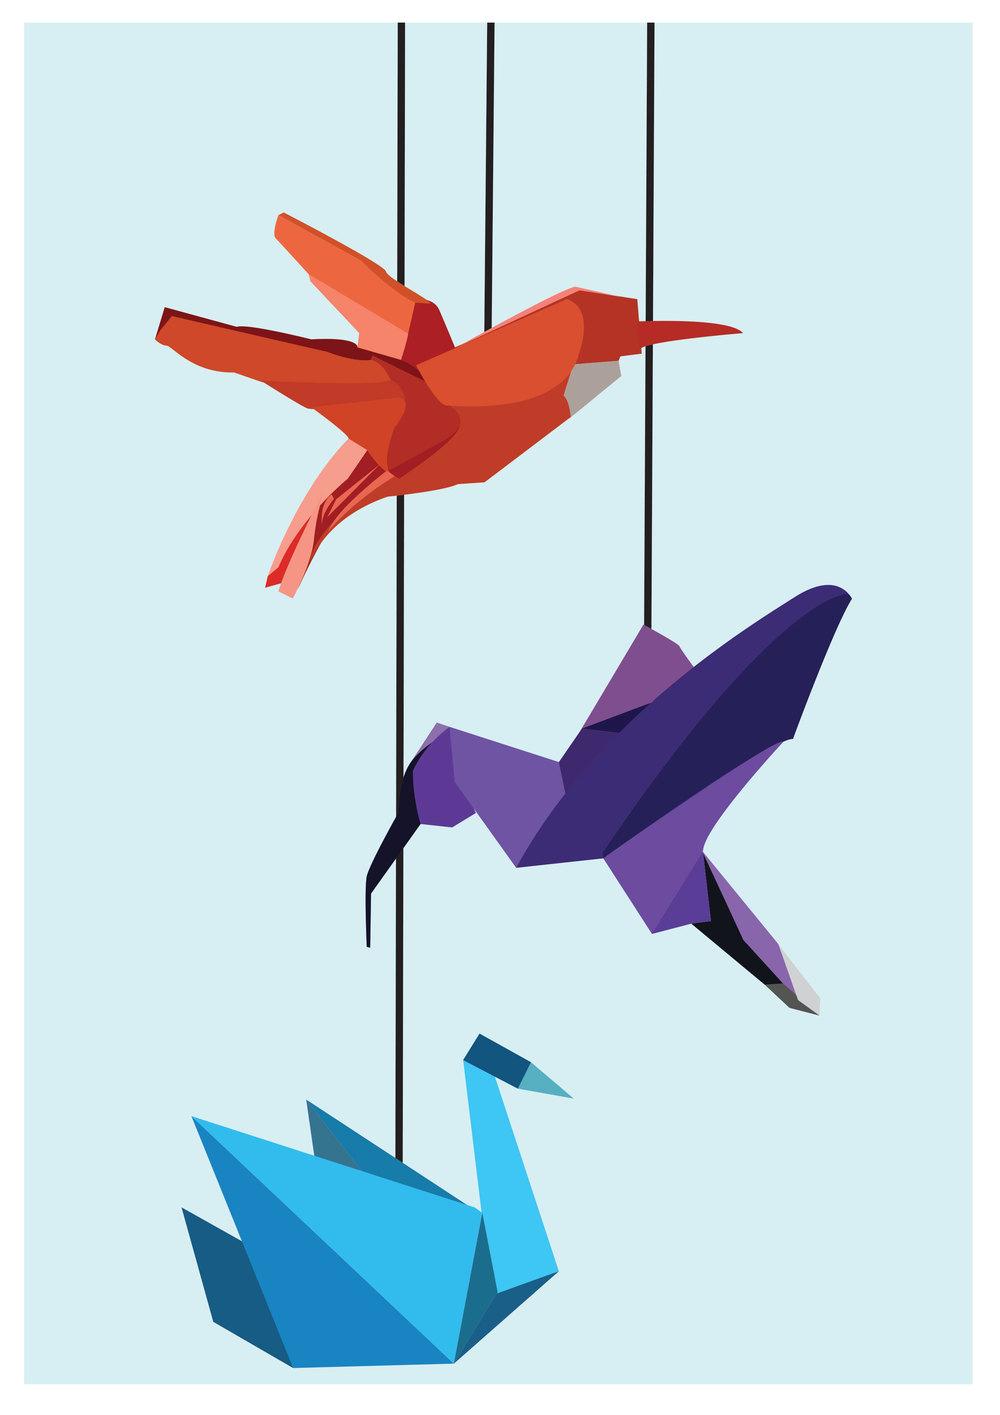 origamihut-2.jpg